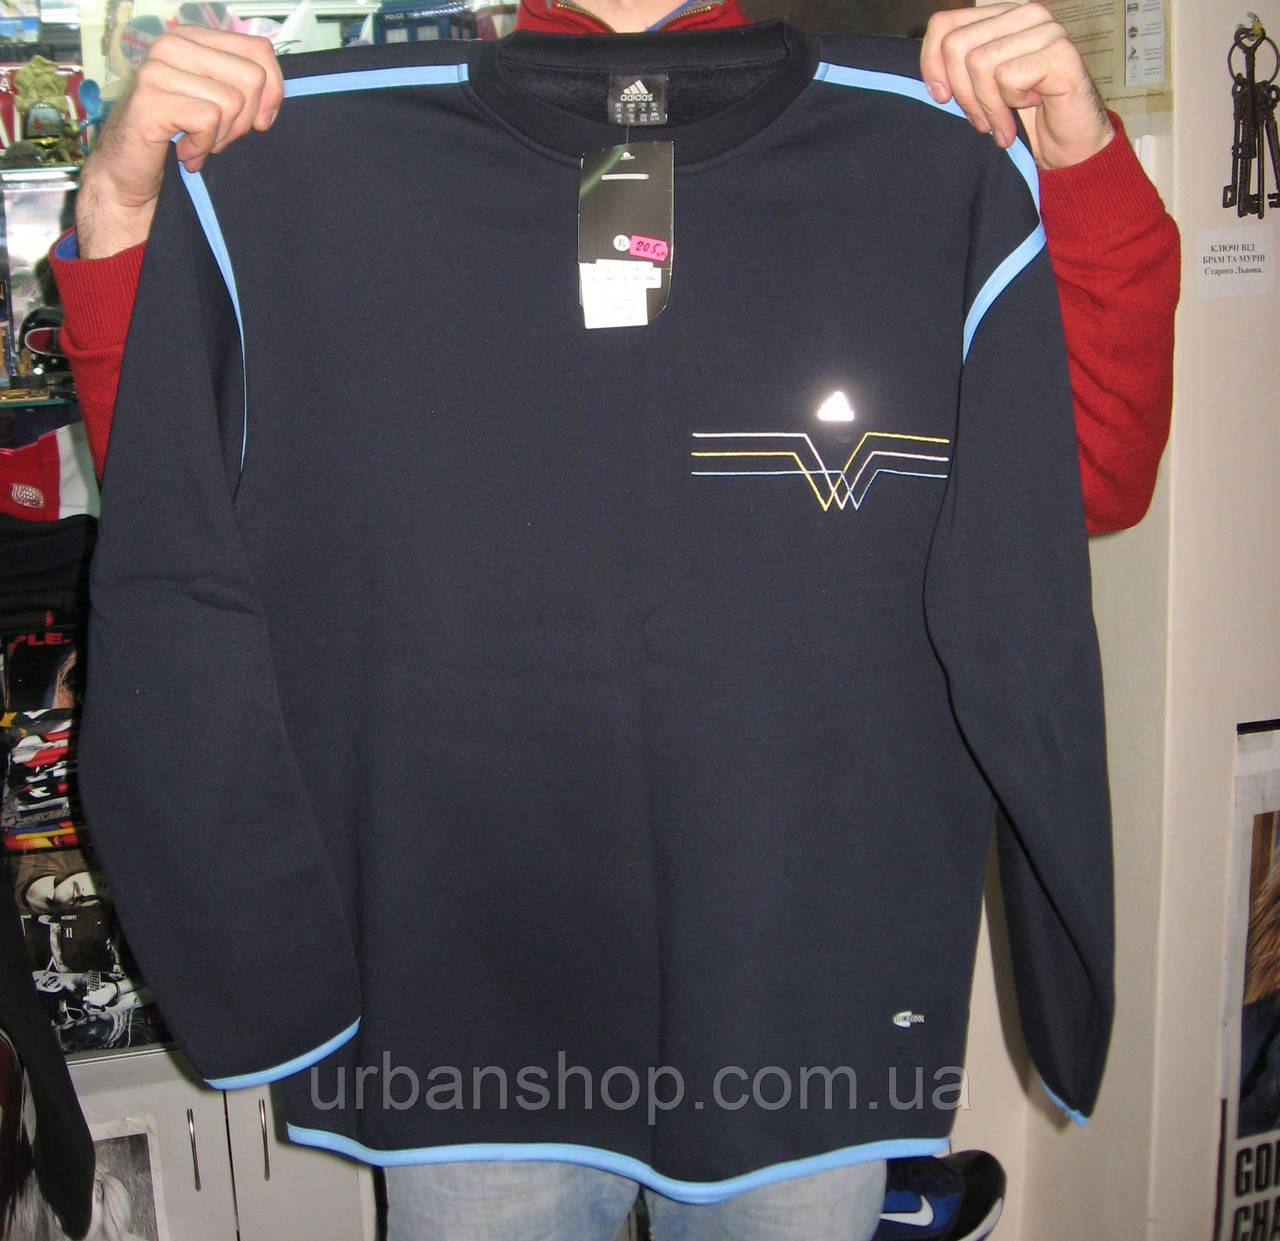 Кофта Adidas синьо-голуба.  Увага! Щоб ЗАМОВИТИ писати на Viber +380954029358